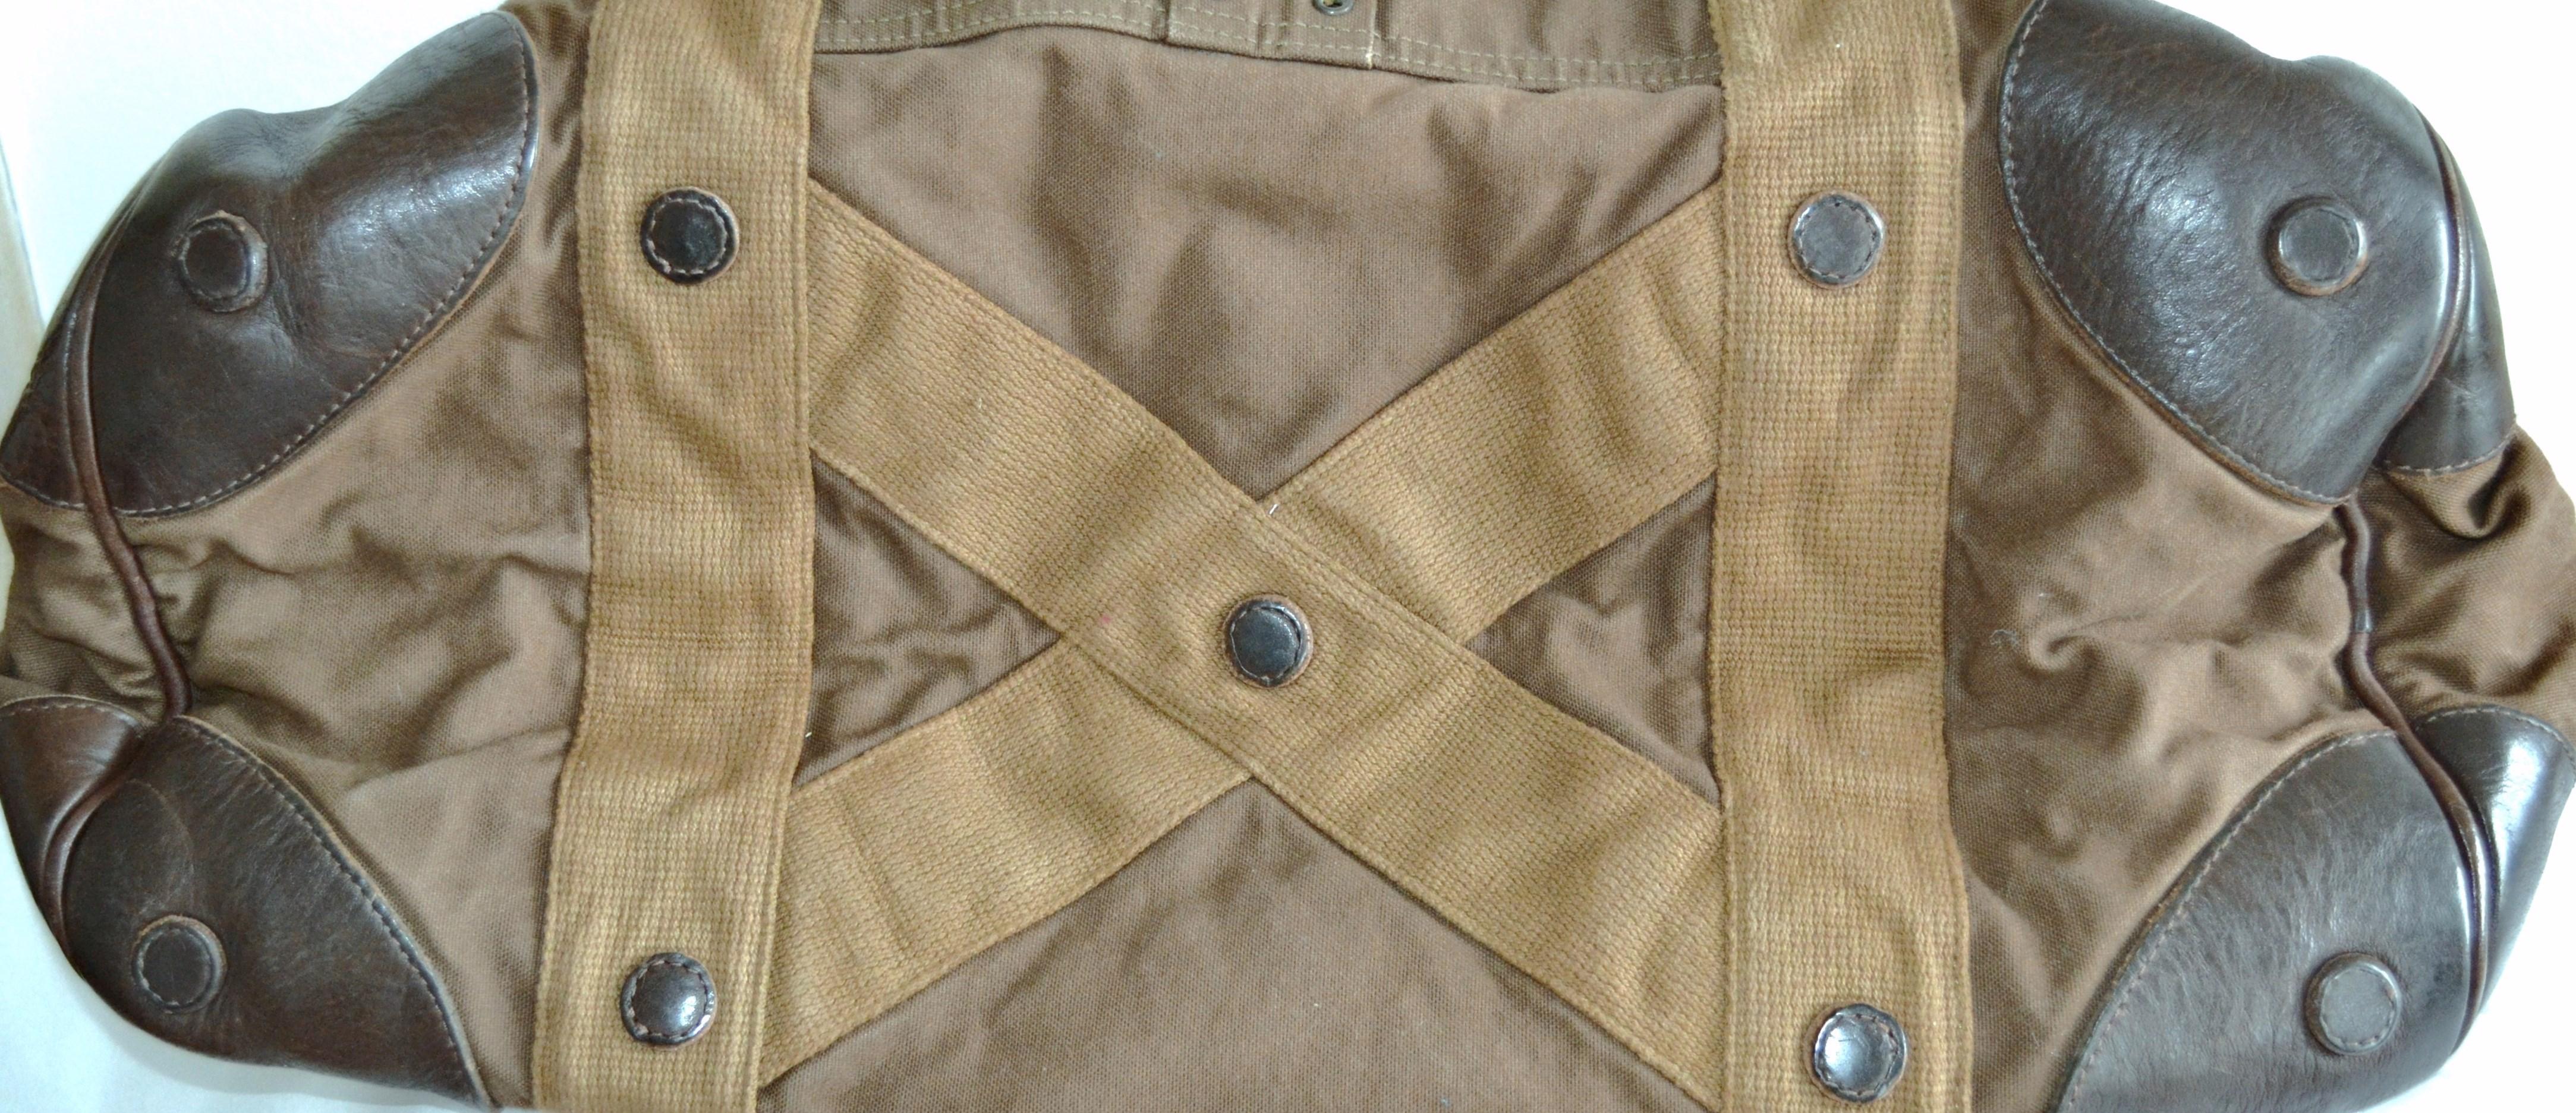 704b75381d5 Rrl Double Rl Ralph Lauren Bag   HEWI London